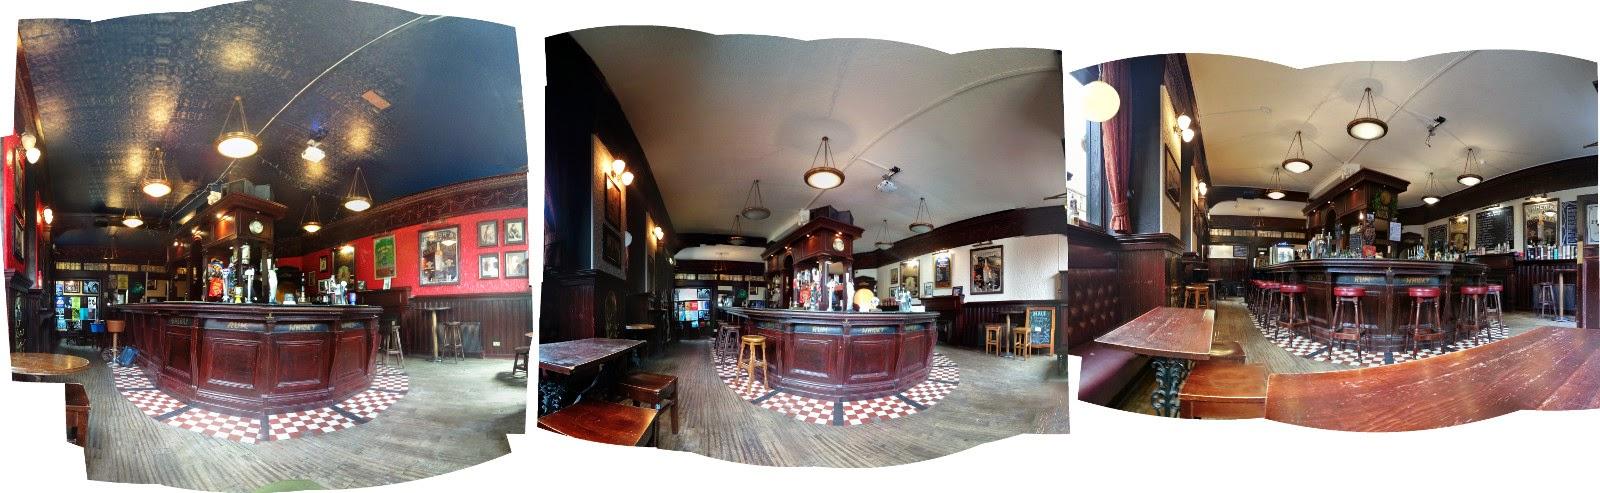 The Halt Bar, Woodlands Road, Glasgow